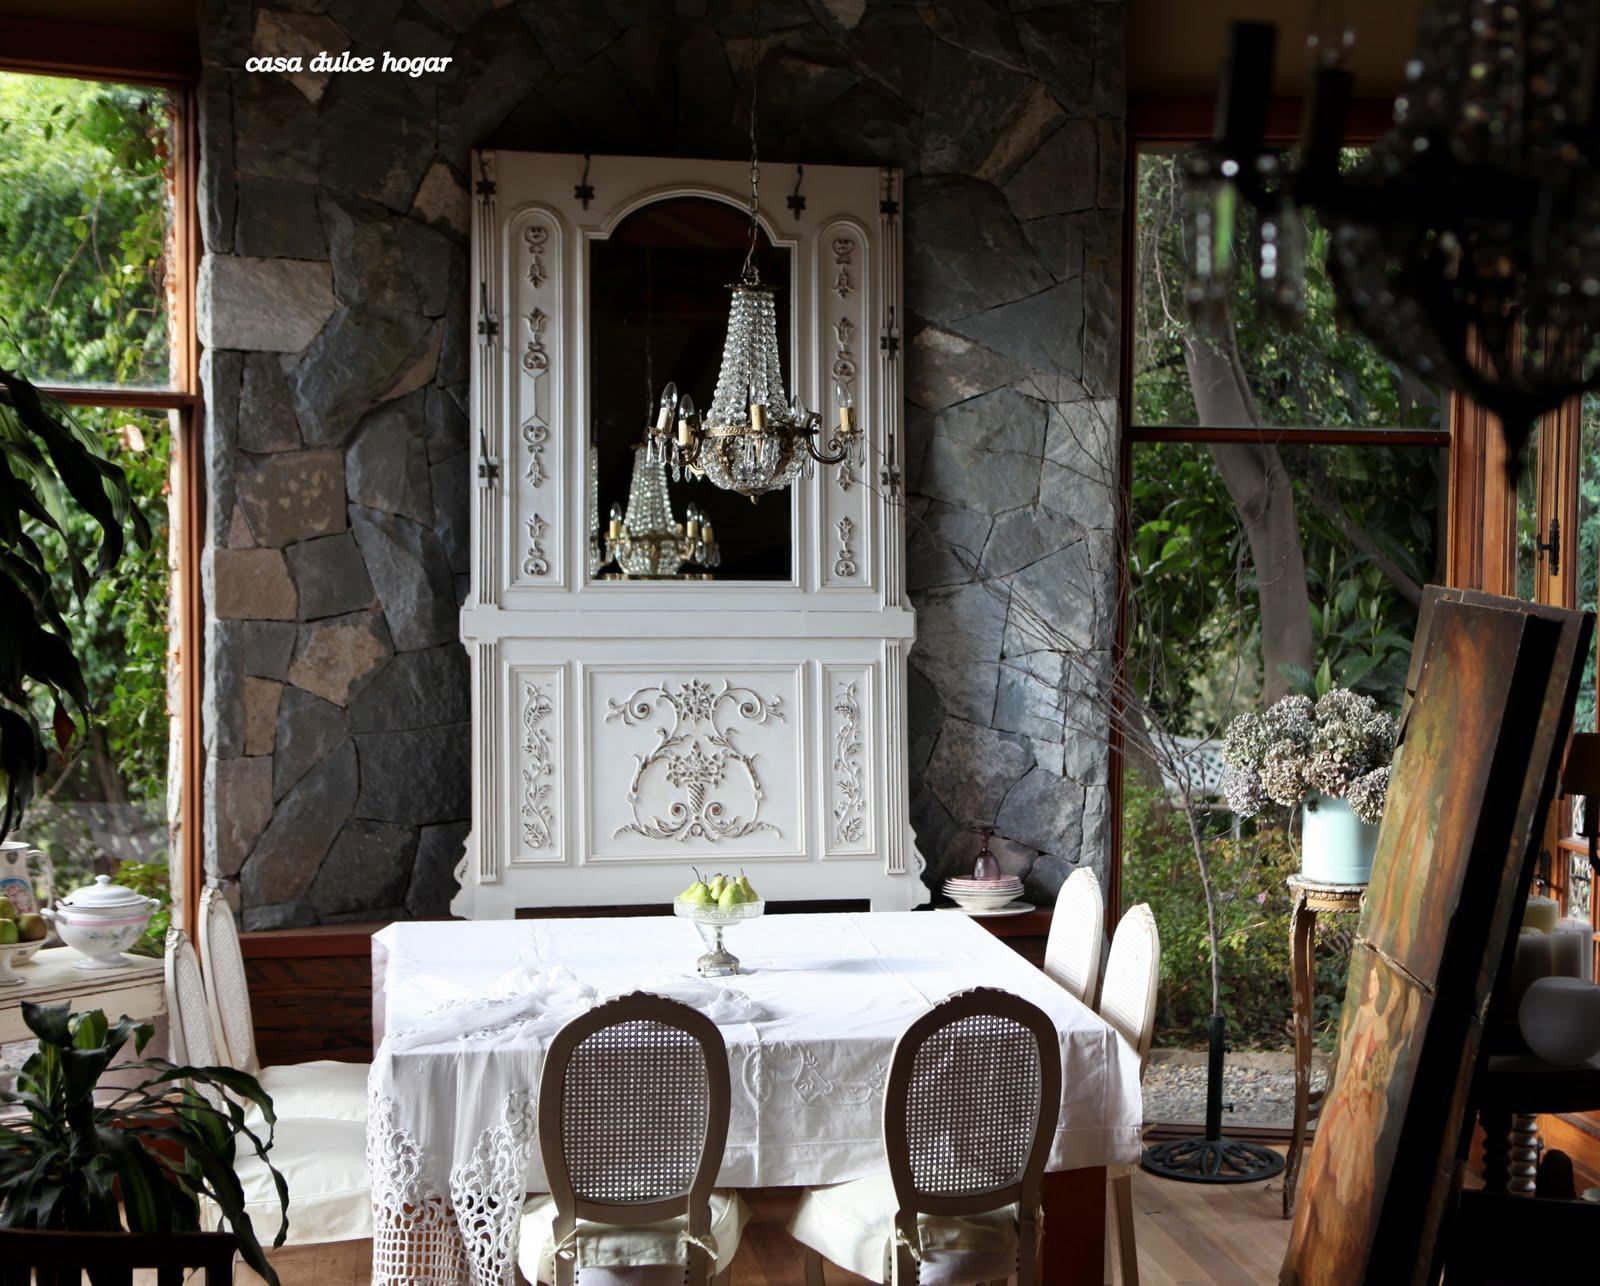 imagenes de muebles del persa bio bio - Falabella Muebles De Mala Calidad Reclamos2015